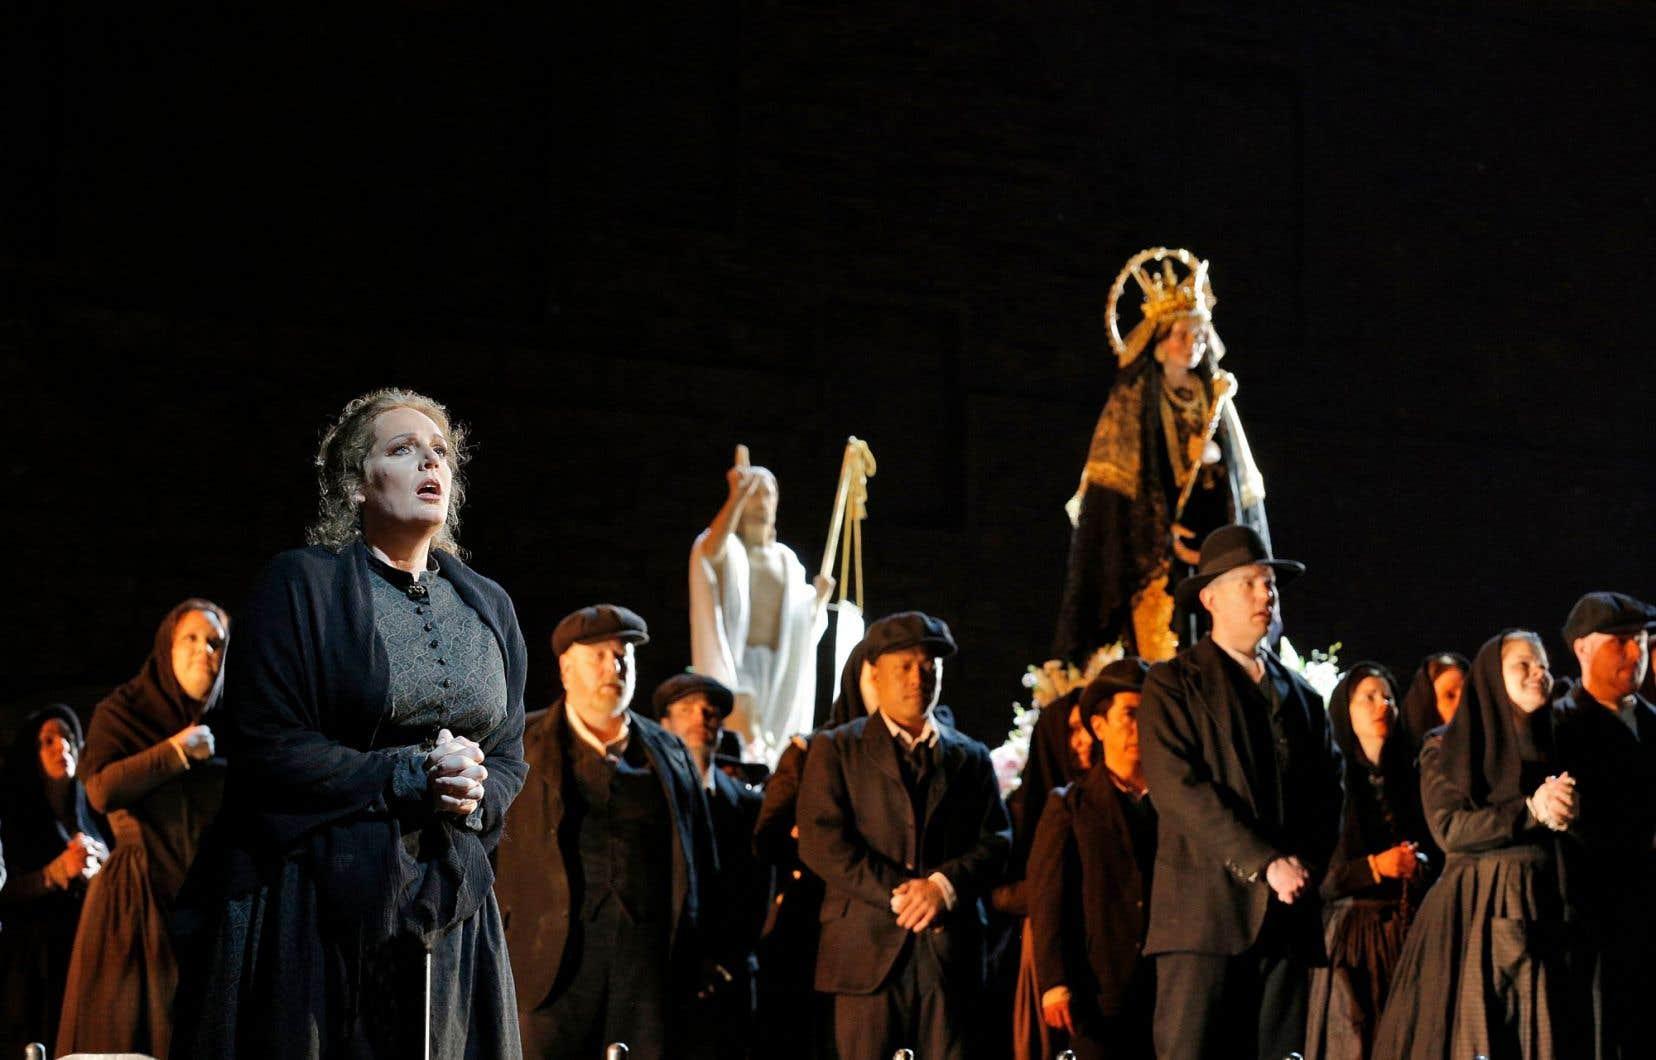 «Cavalleria rusticana» est l'opéra qui sent le plus le terroir de la ruralité profonde du sud de l'Italie.